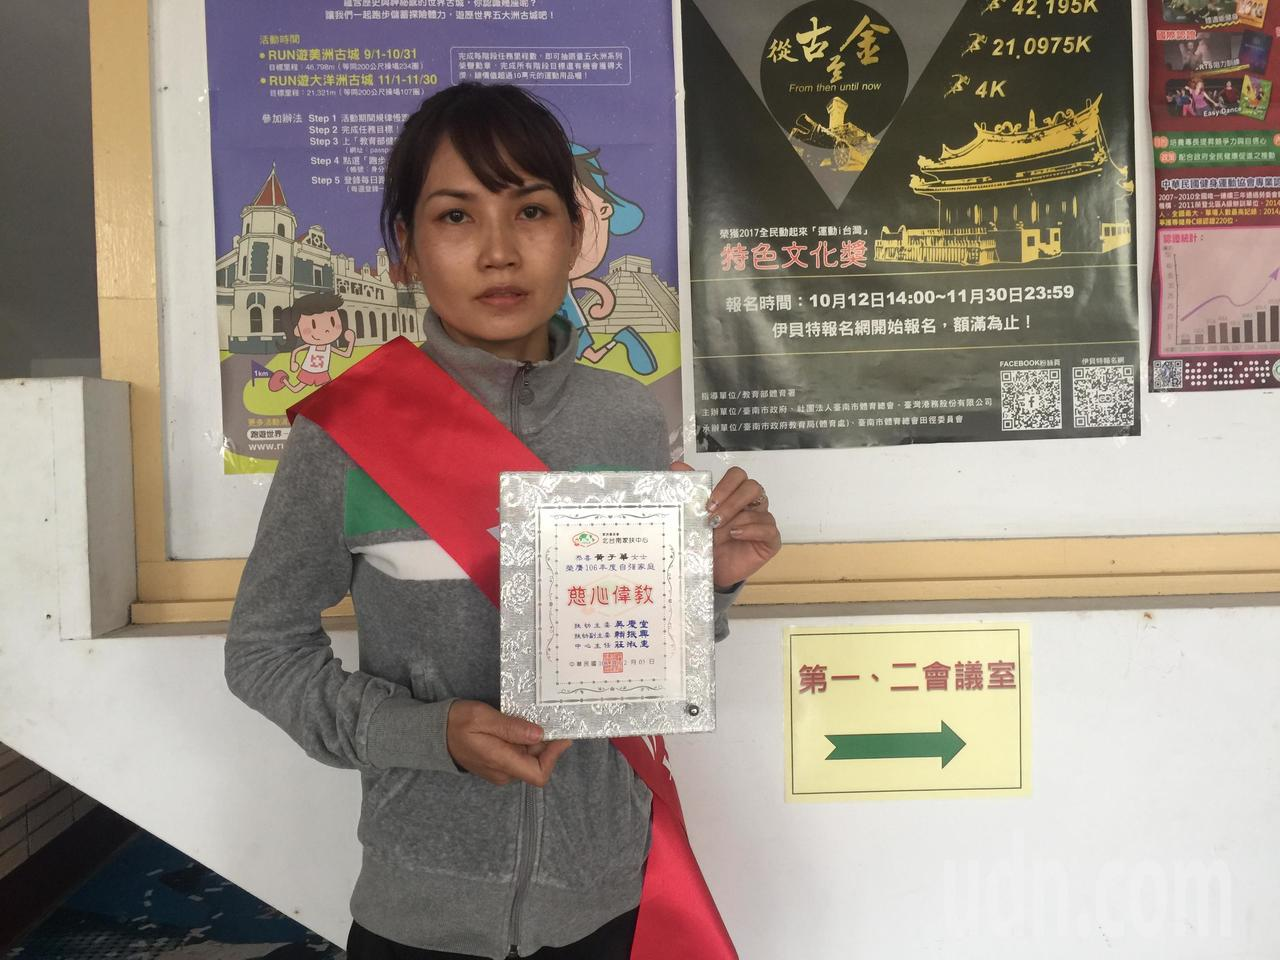 越南新住民黃子華獲選北家扶中心自強家庭。記者吳政修/攝影